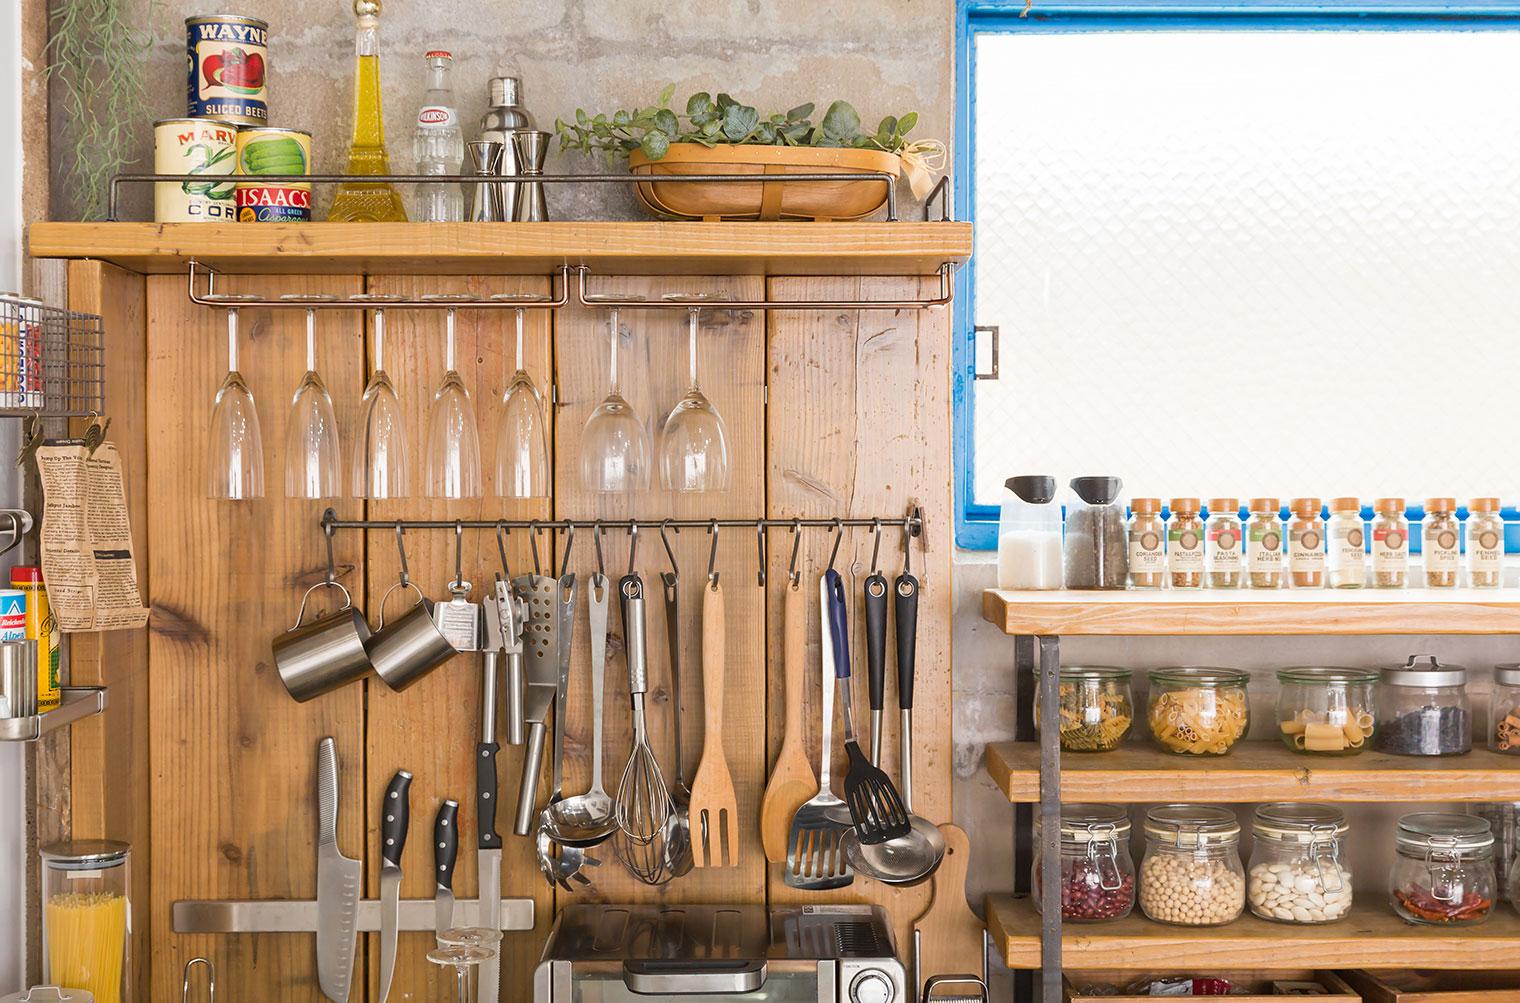 スパイス収納次第で家事が効率的に!?マネしたい収納方法とは